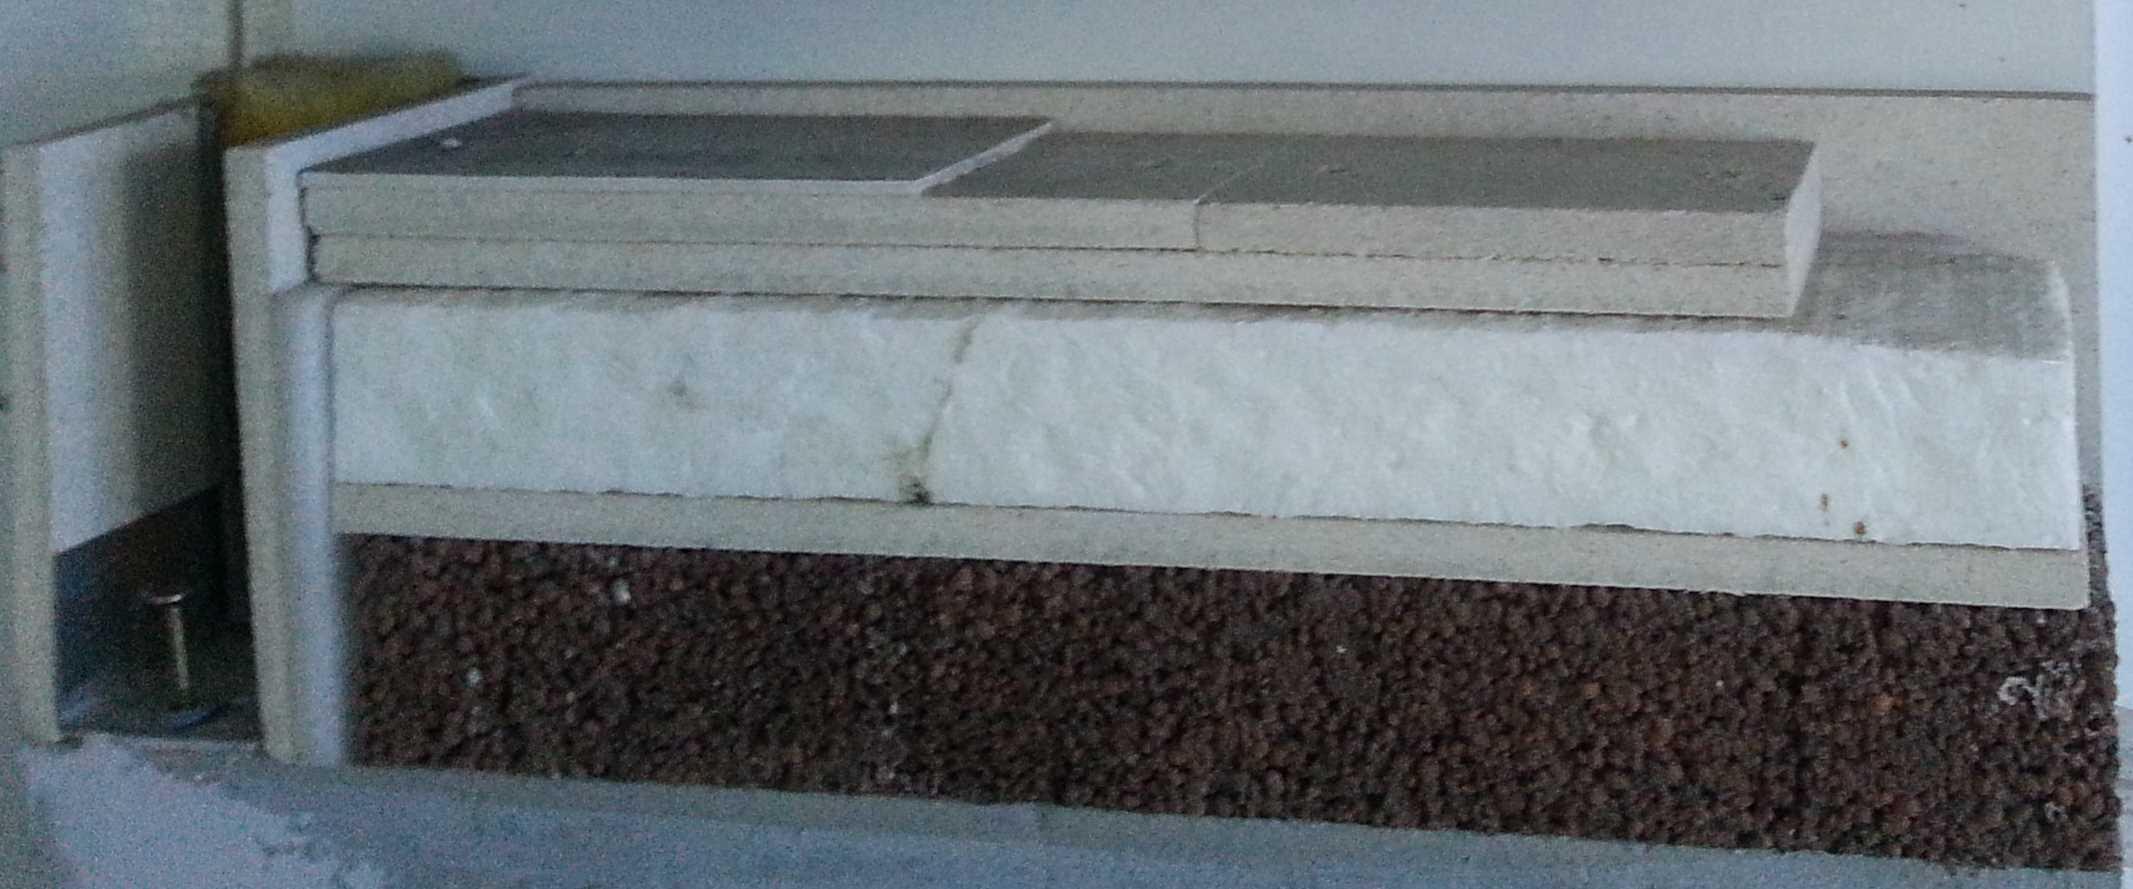 вариант применения сухой стяжки кнауф в отделке квартиры